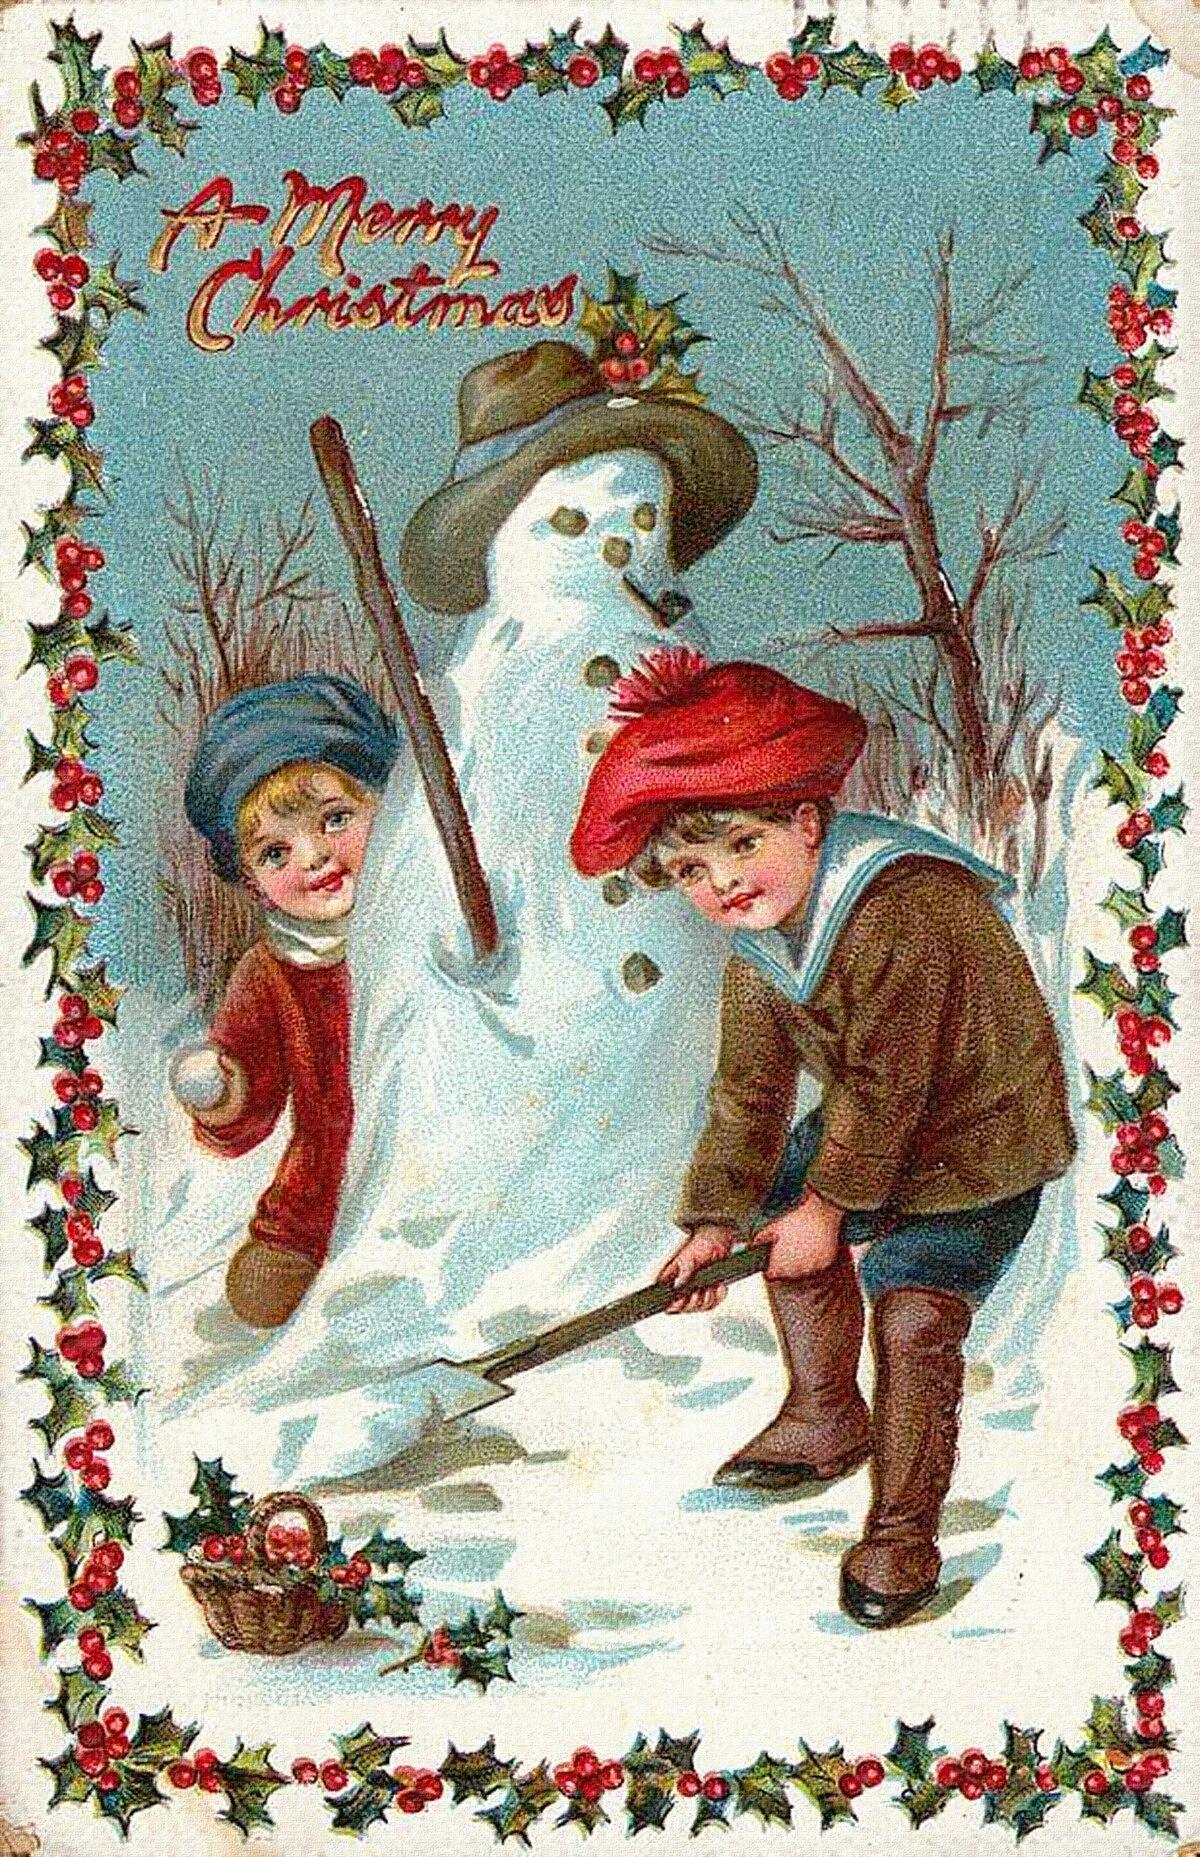 Парень, открытки старинные новогодние и рождественские фильмы